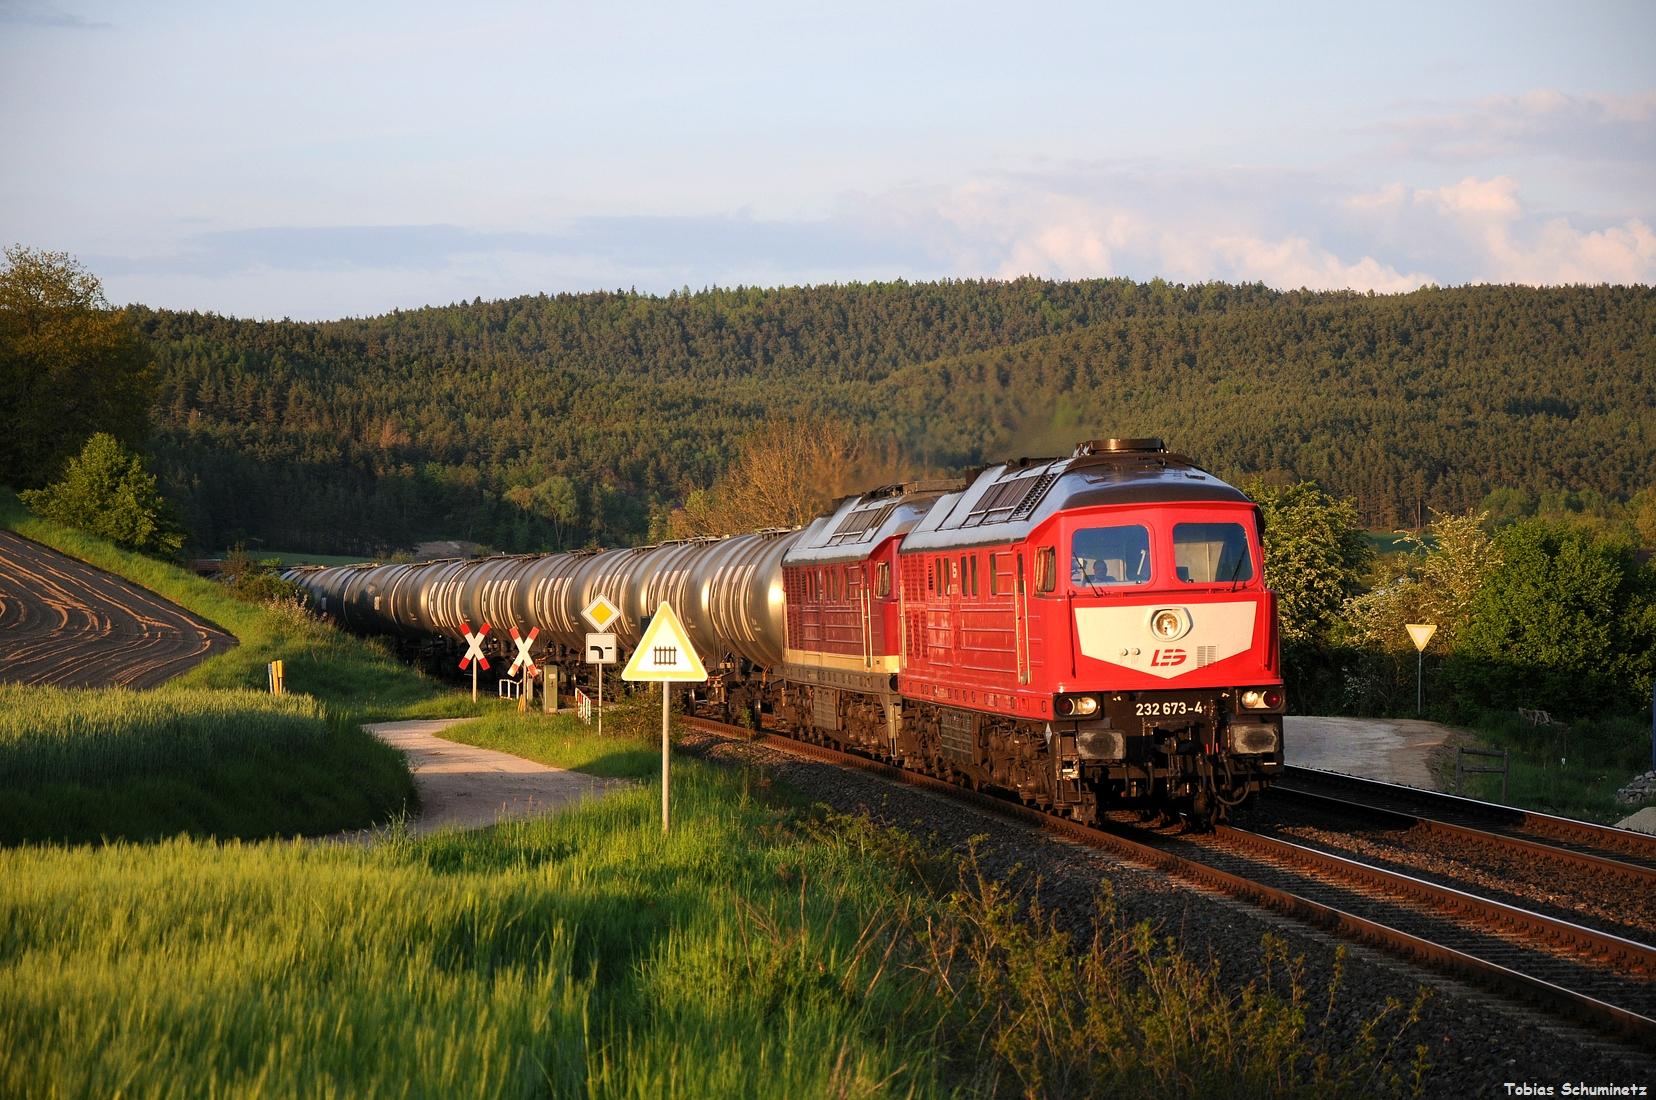 Nur ein paar Tage später kam die Vormeldung, dass die LEG mit einem Kesselzug im Naabtal fahren sollte. Ziemlich spät am Abend wurde es im allerletzten Licht bei Brensdorf, als 232 673 und 232 109 ihren Zug befeuern. Immerhin hing die schönste 232 der LEG vorne.